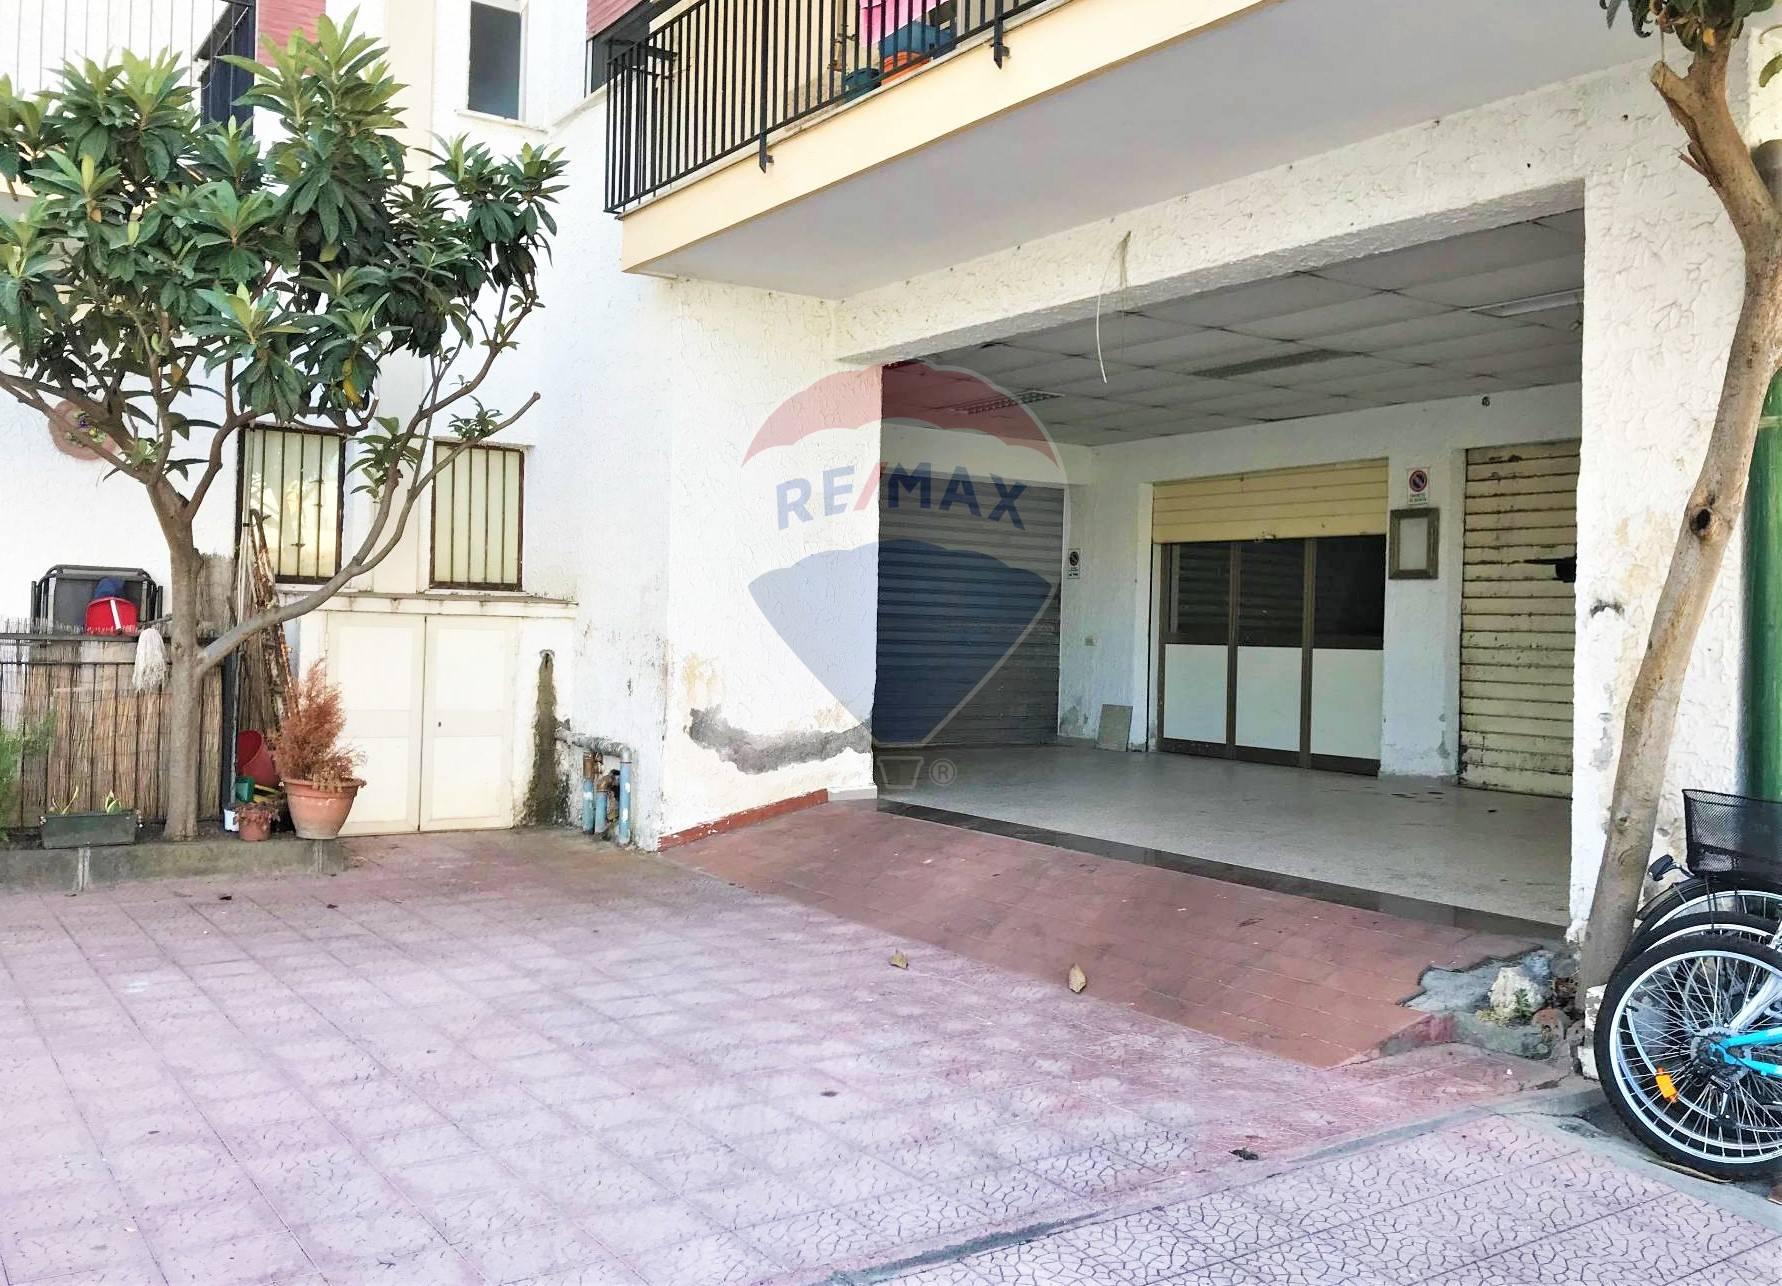 Box / Garage in vendita a Giardini-Naxos, 1 locali, zona Località: Recanati, prezzo € 55.000 | CambioCasa.it